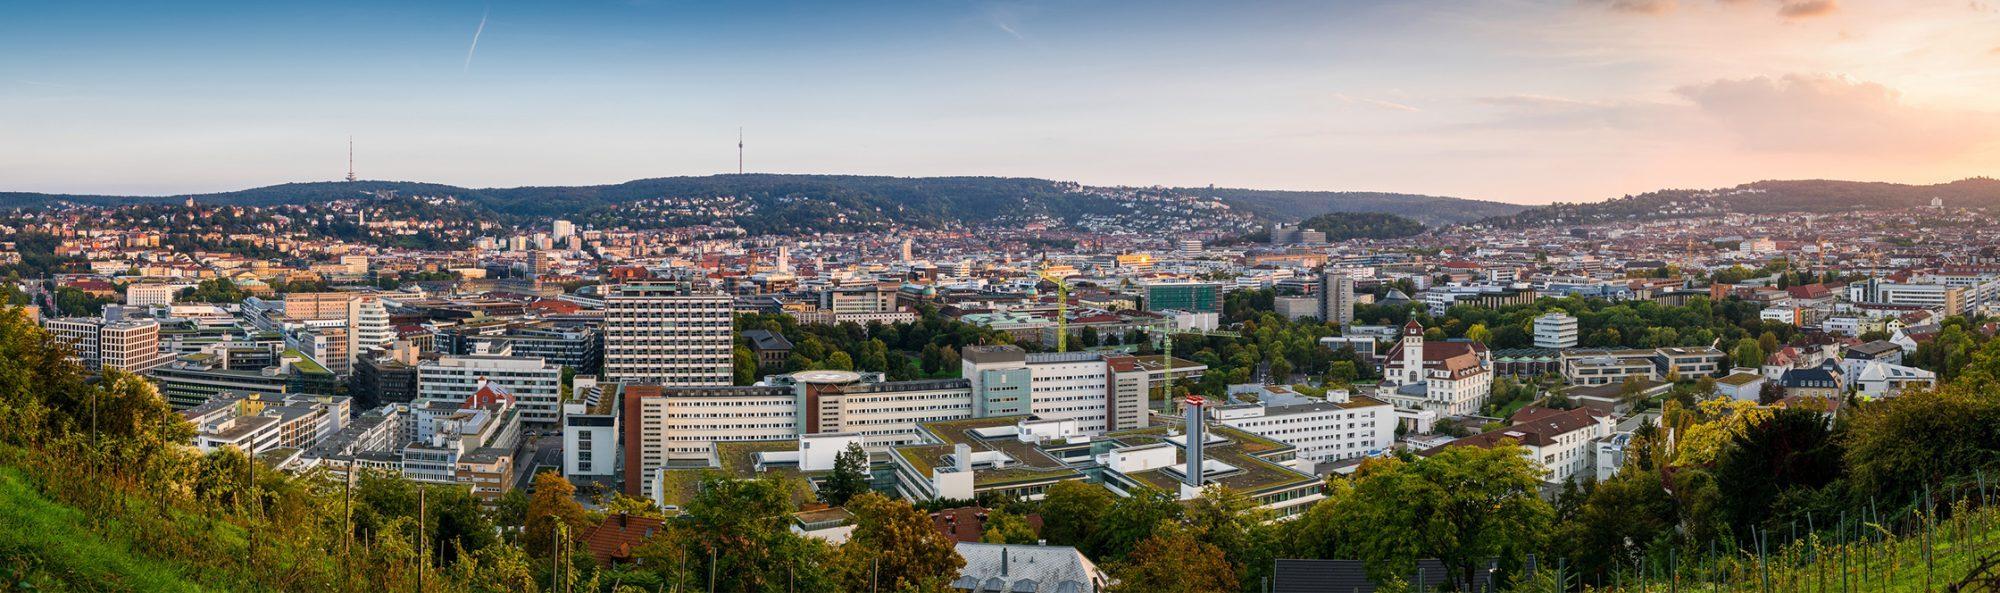 Generalunternehmer Stuttgart epplezwei epple heidelberg